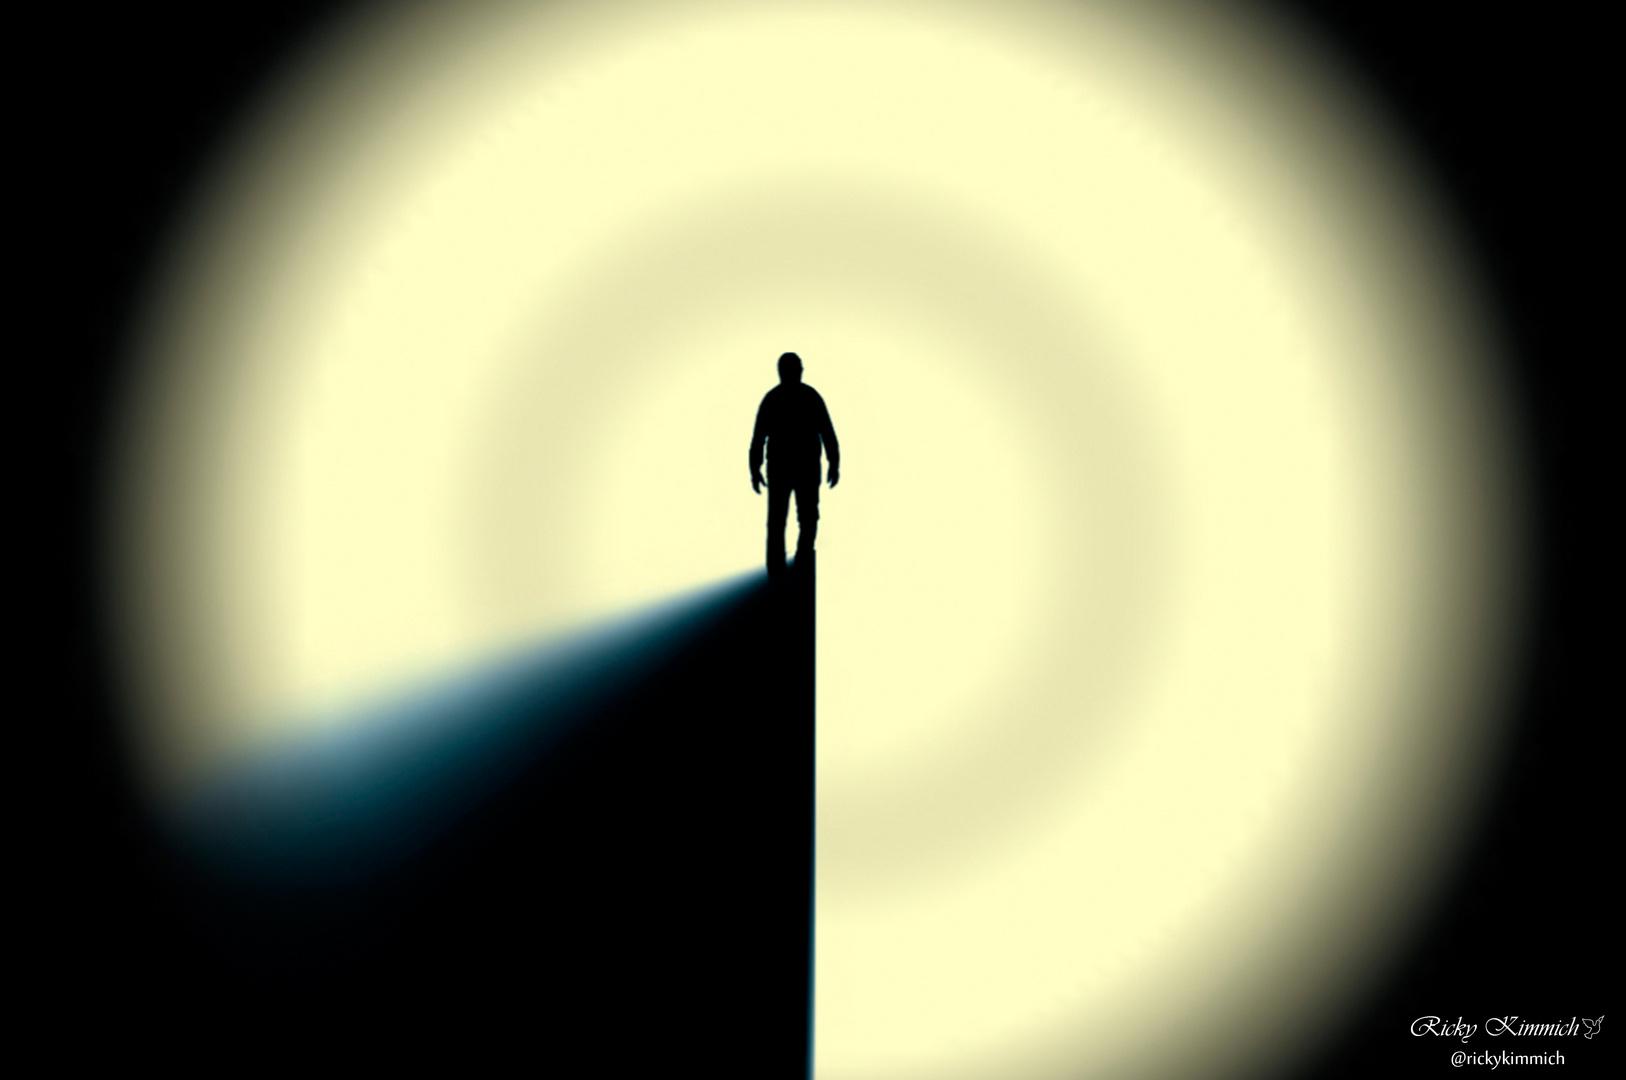 Der Schatten seines Lichts - La Sombra de Su Luz